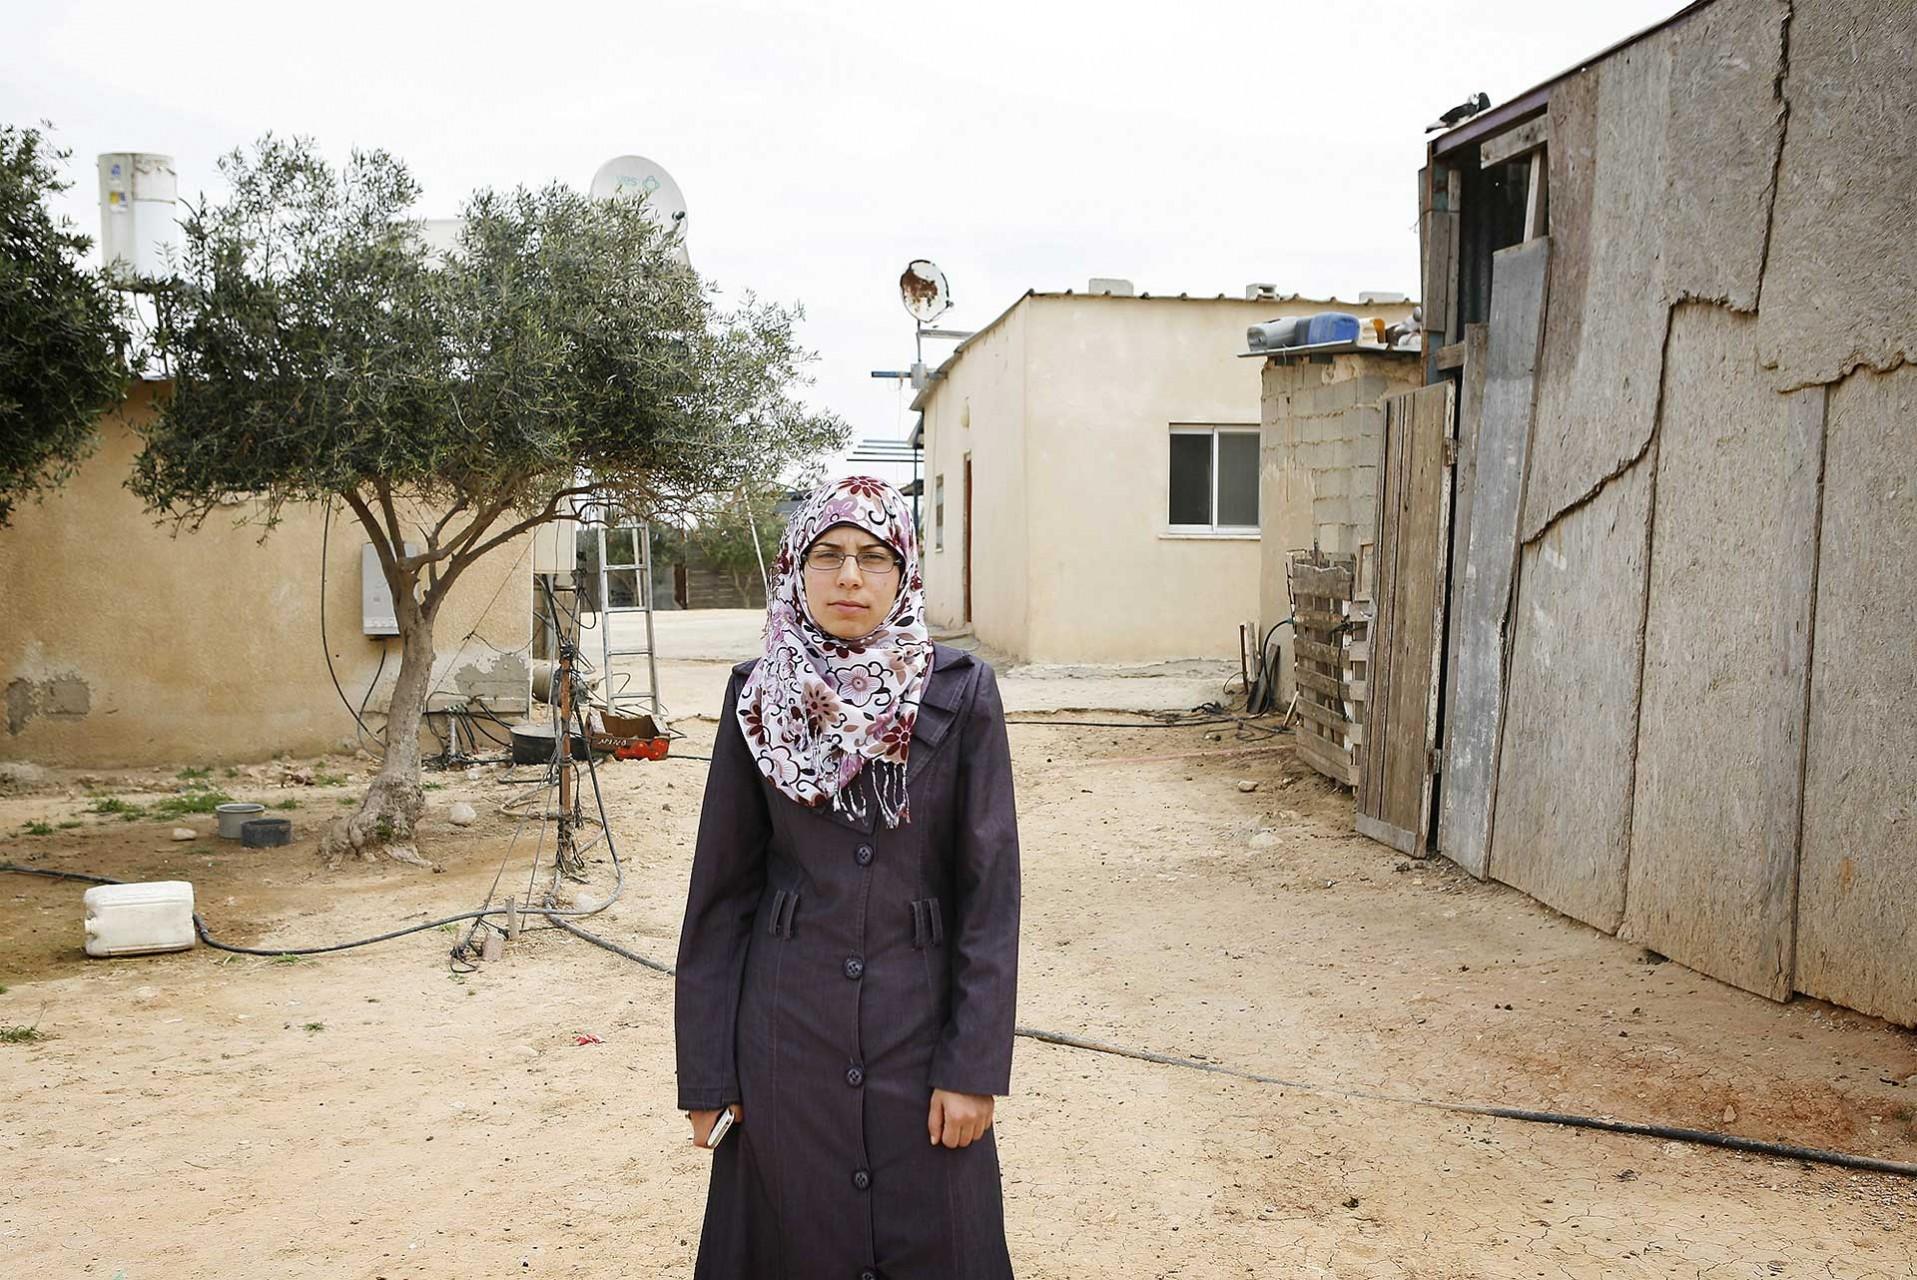 Unrecognized village of Al Zarnouq, Israel 2014